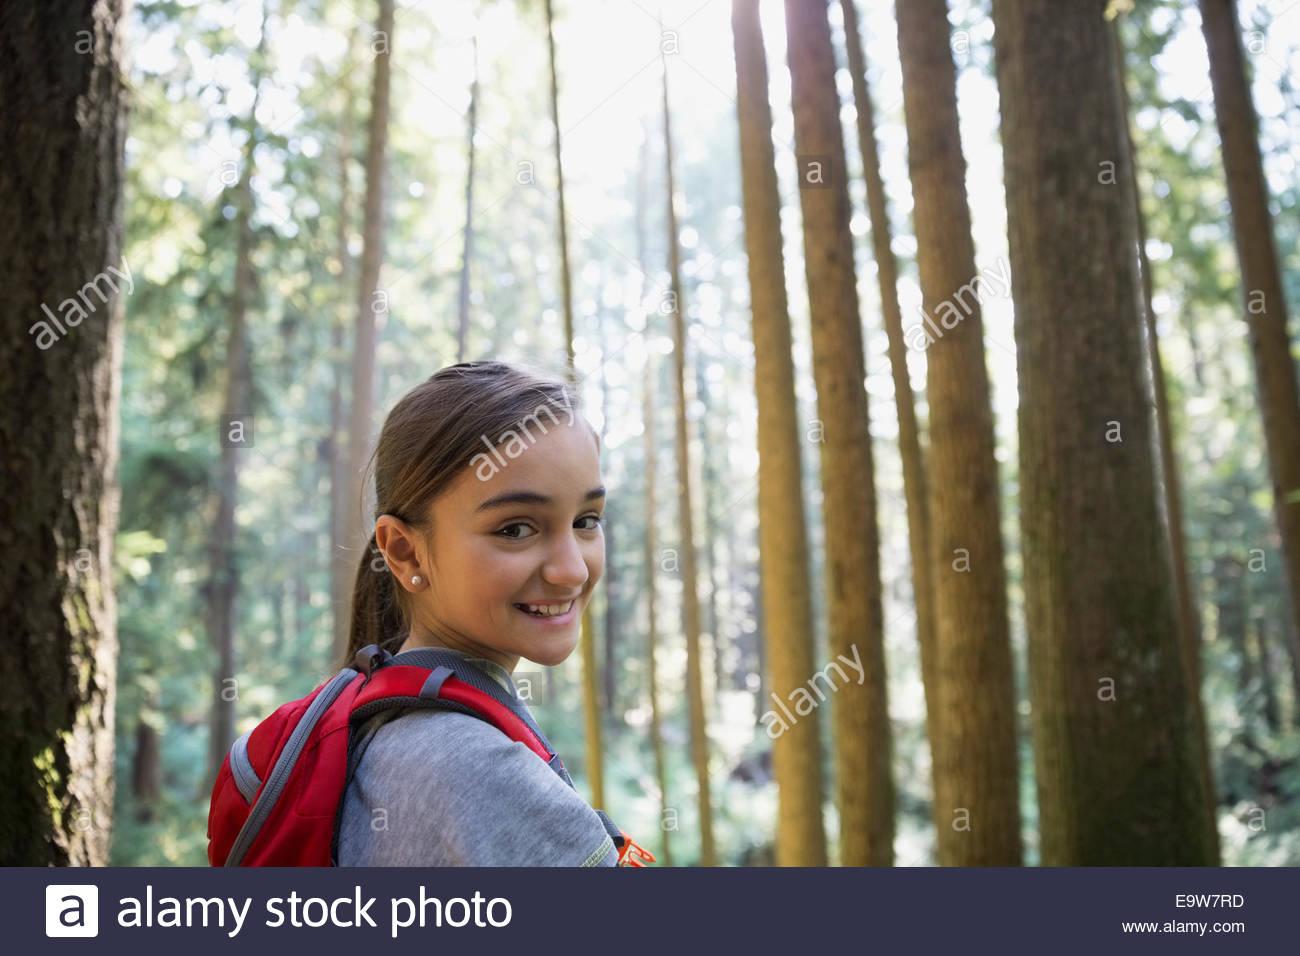 Ritratto di ragazza sorridente nel bosco Immagini Stock